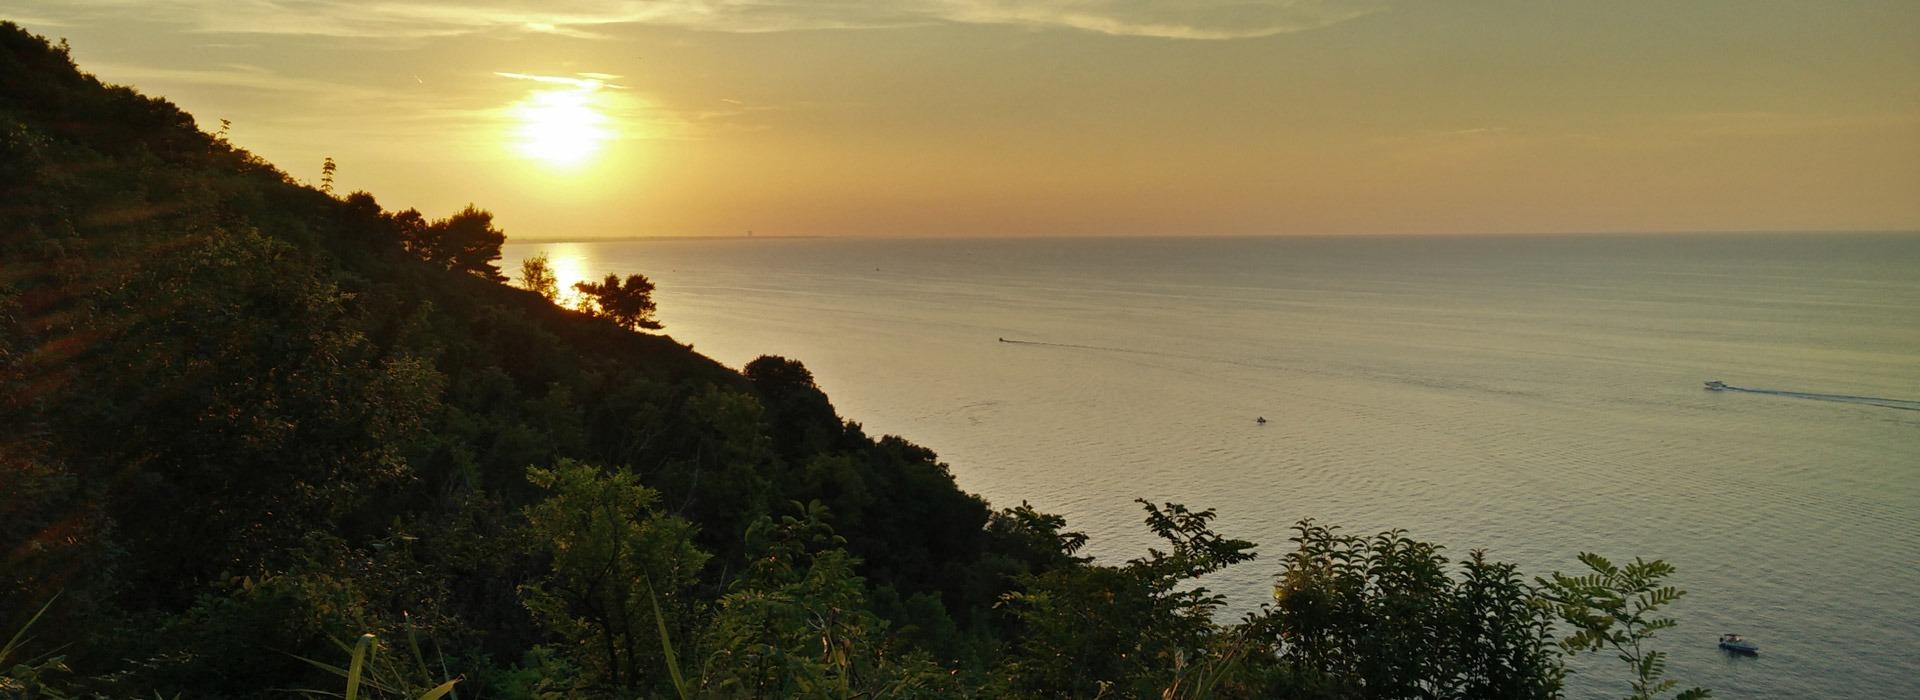 Camping Gabicce Monte: vista panoramica sul mare al tramonto